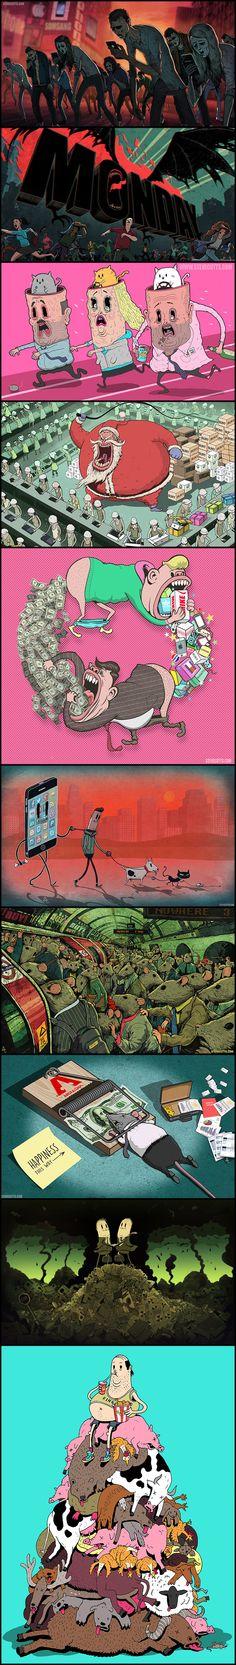 Imagens Ilustrando As Realidades Inconvenientes Da Sociedade